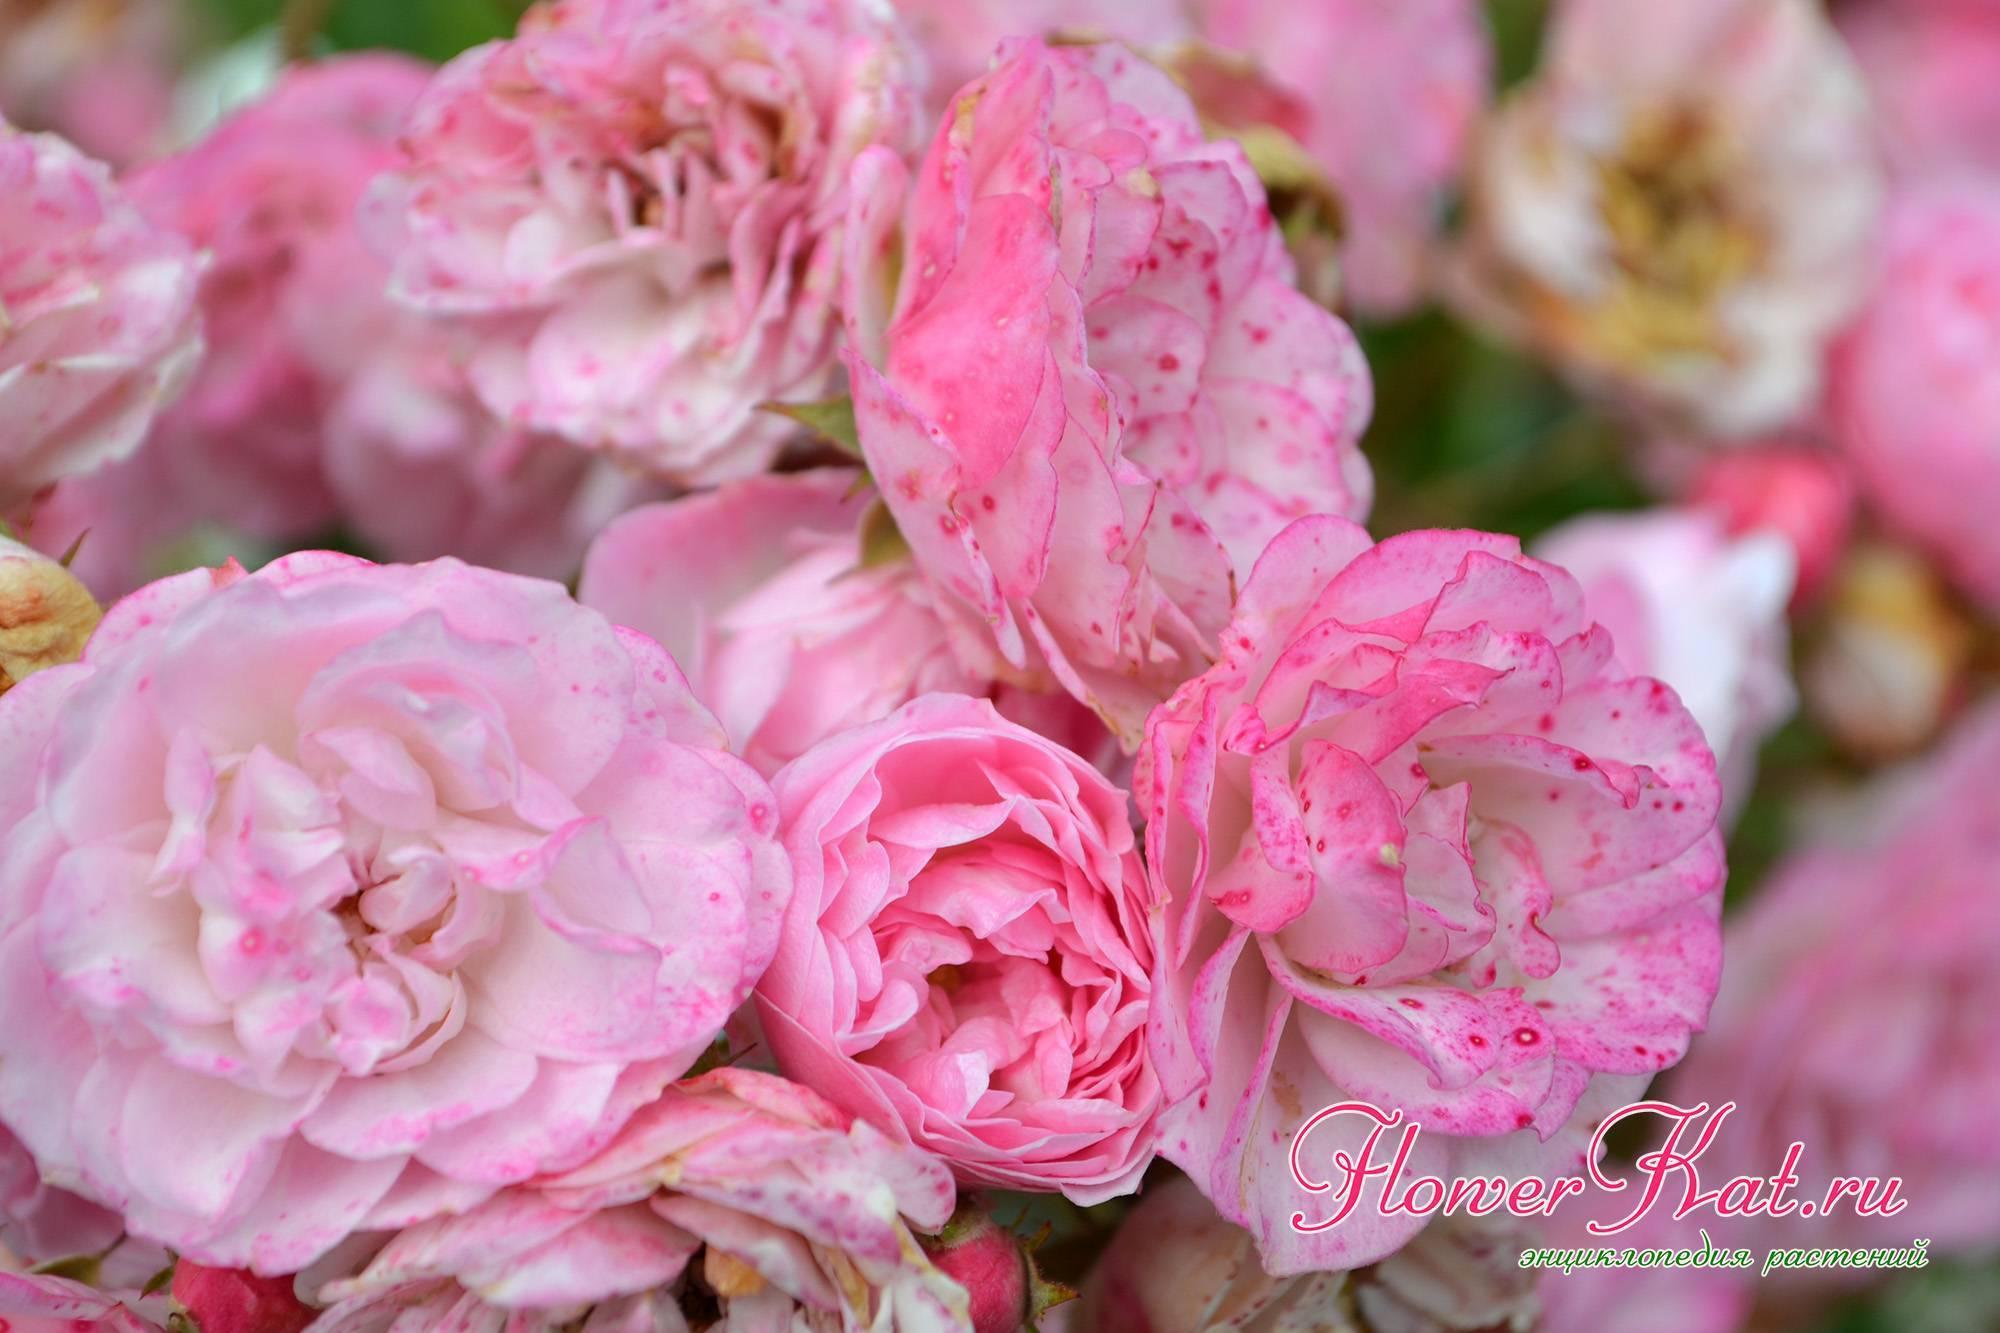 Гибрид с пряным ароматом или просто мускусная роза — что это такое, а также описание сортов